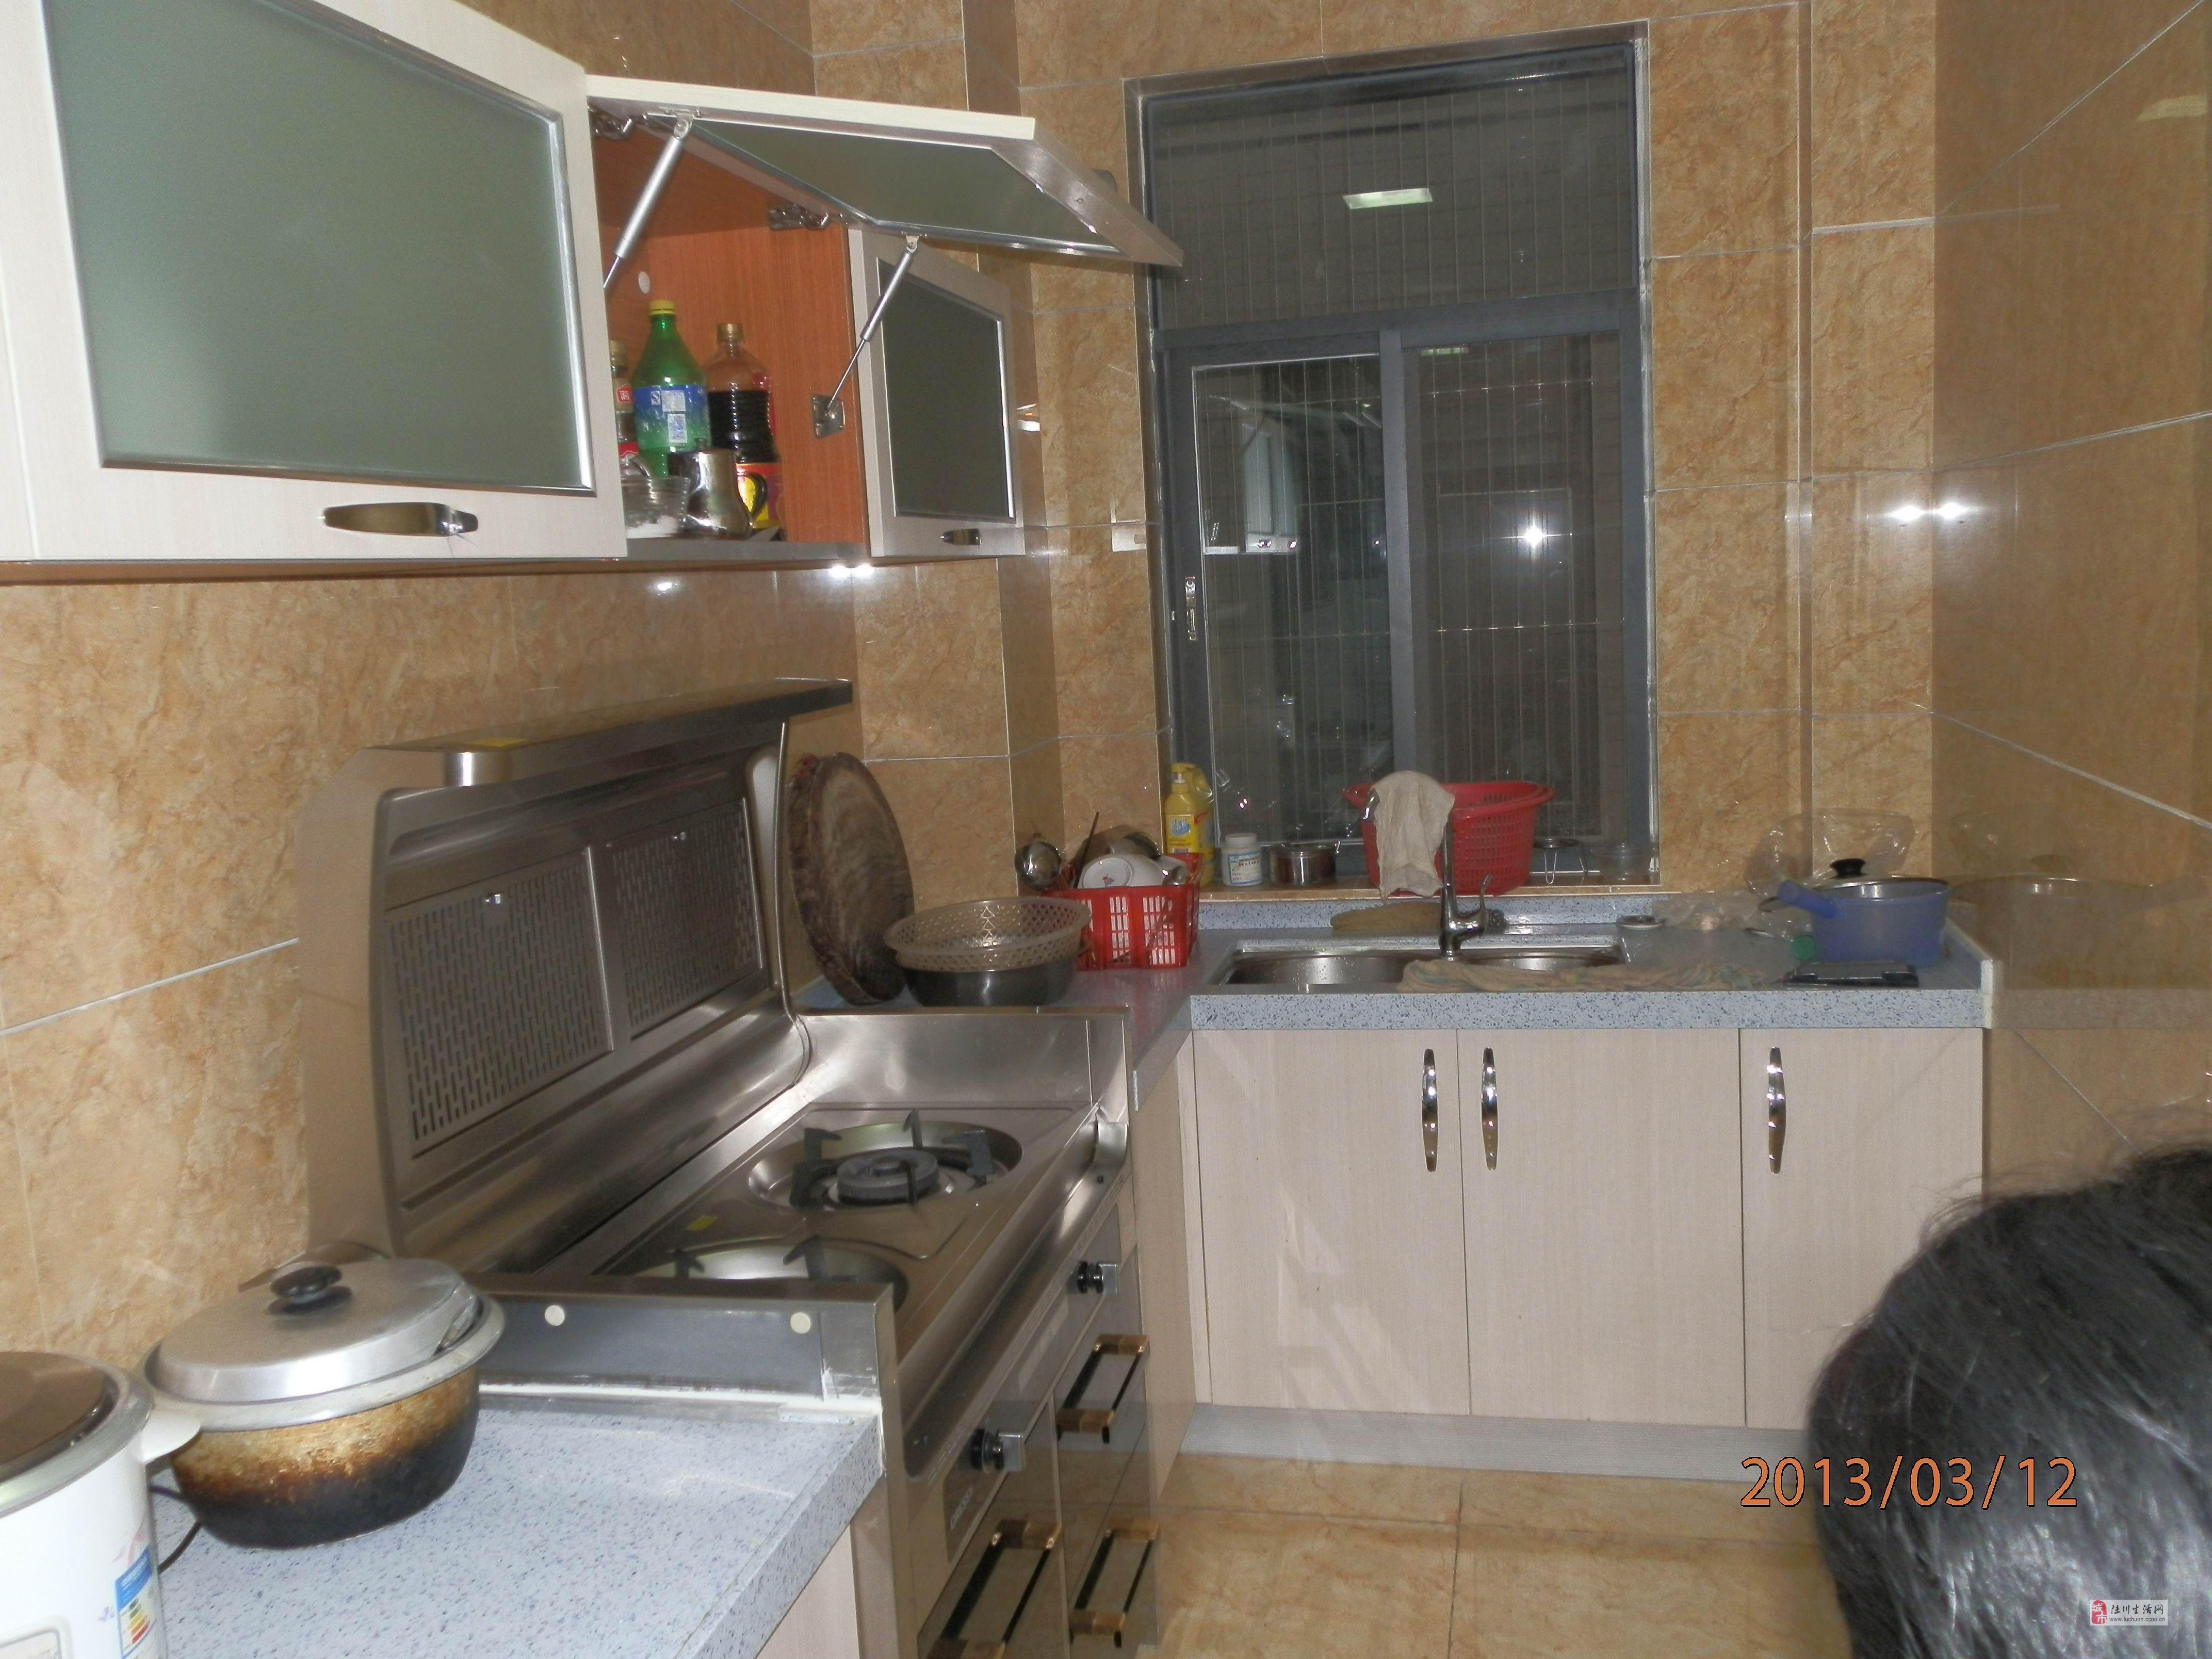 我家的厨房真的很好用,来跟大家分亨一下~ 油烟吸得真的很干净,做菜的图片